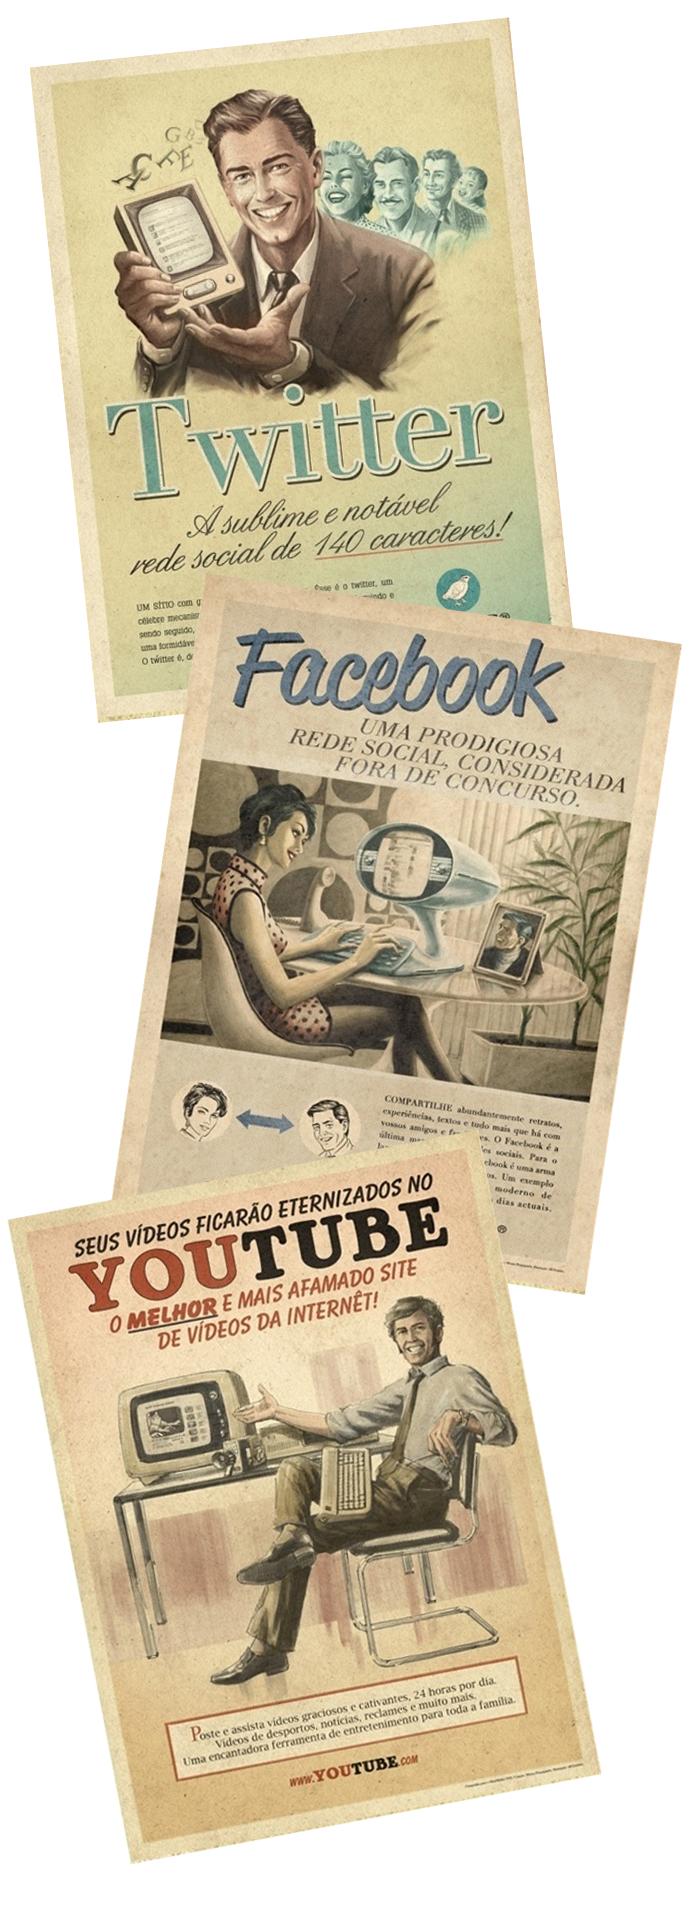 Noticia sobre Francisco Segarra en Facebook, Twitter, Pinterest o YouTube.